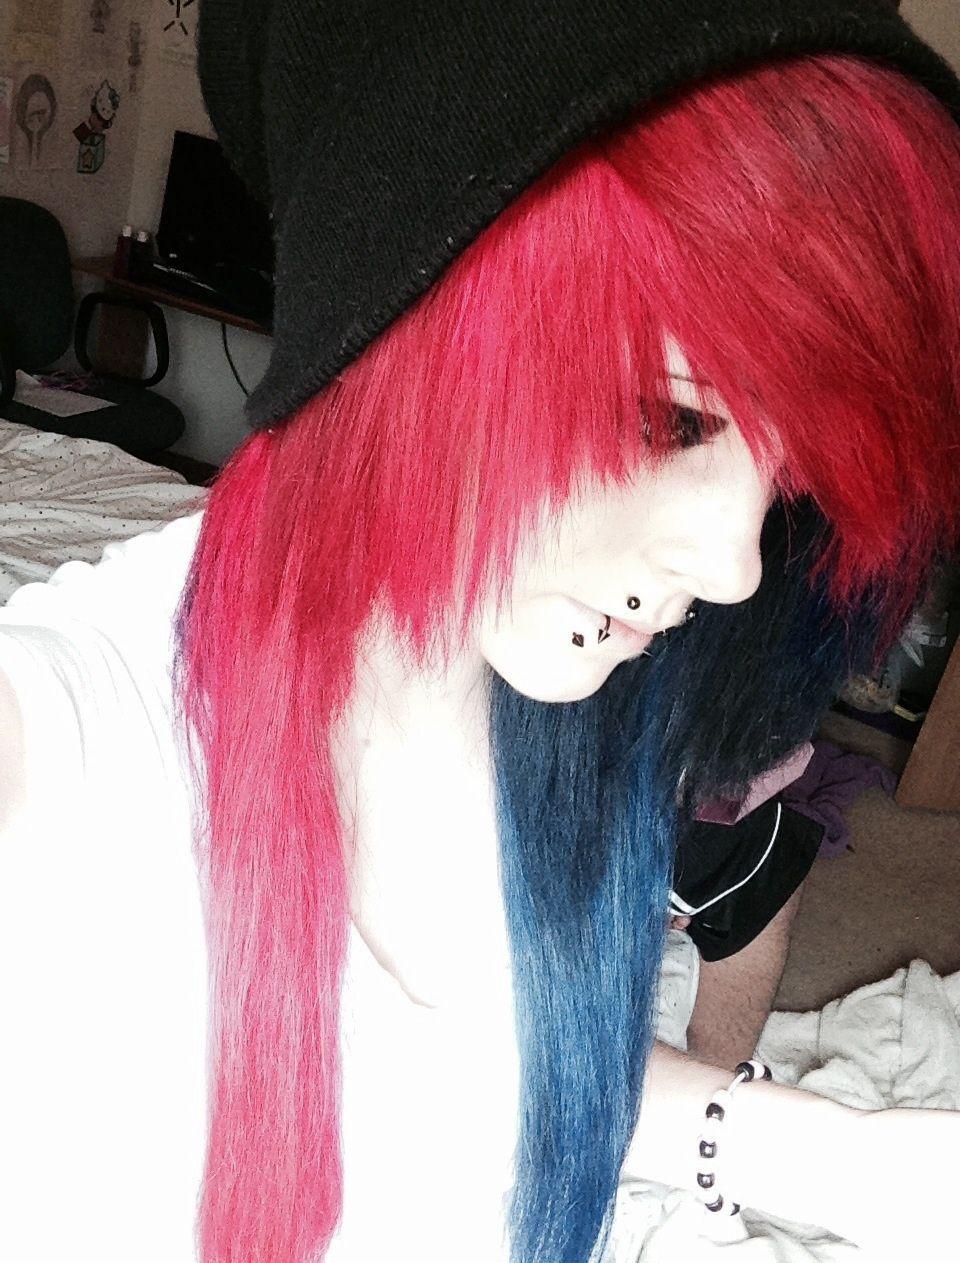 Scene girl hair of two or more colors cabello de dos o más